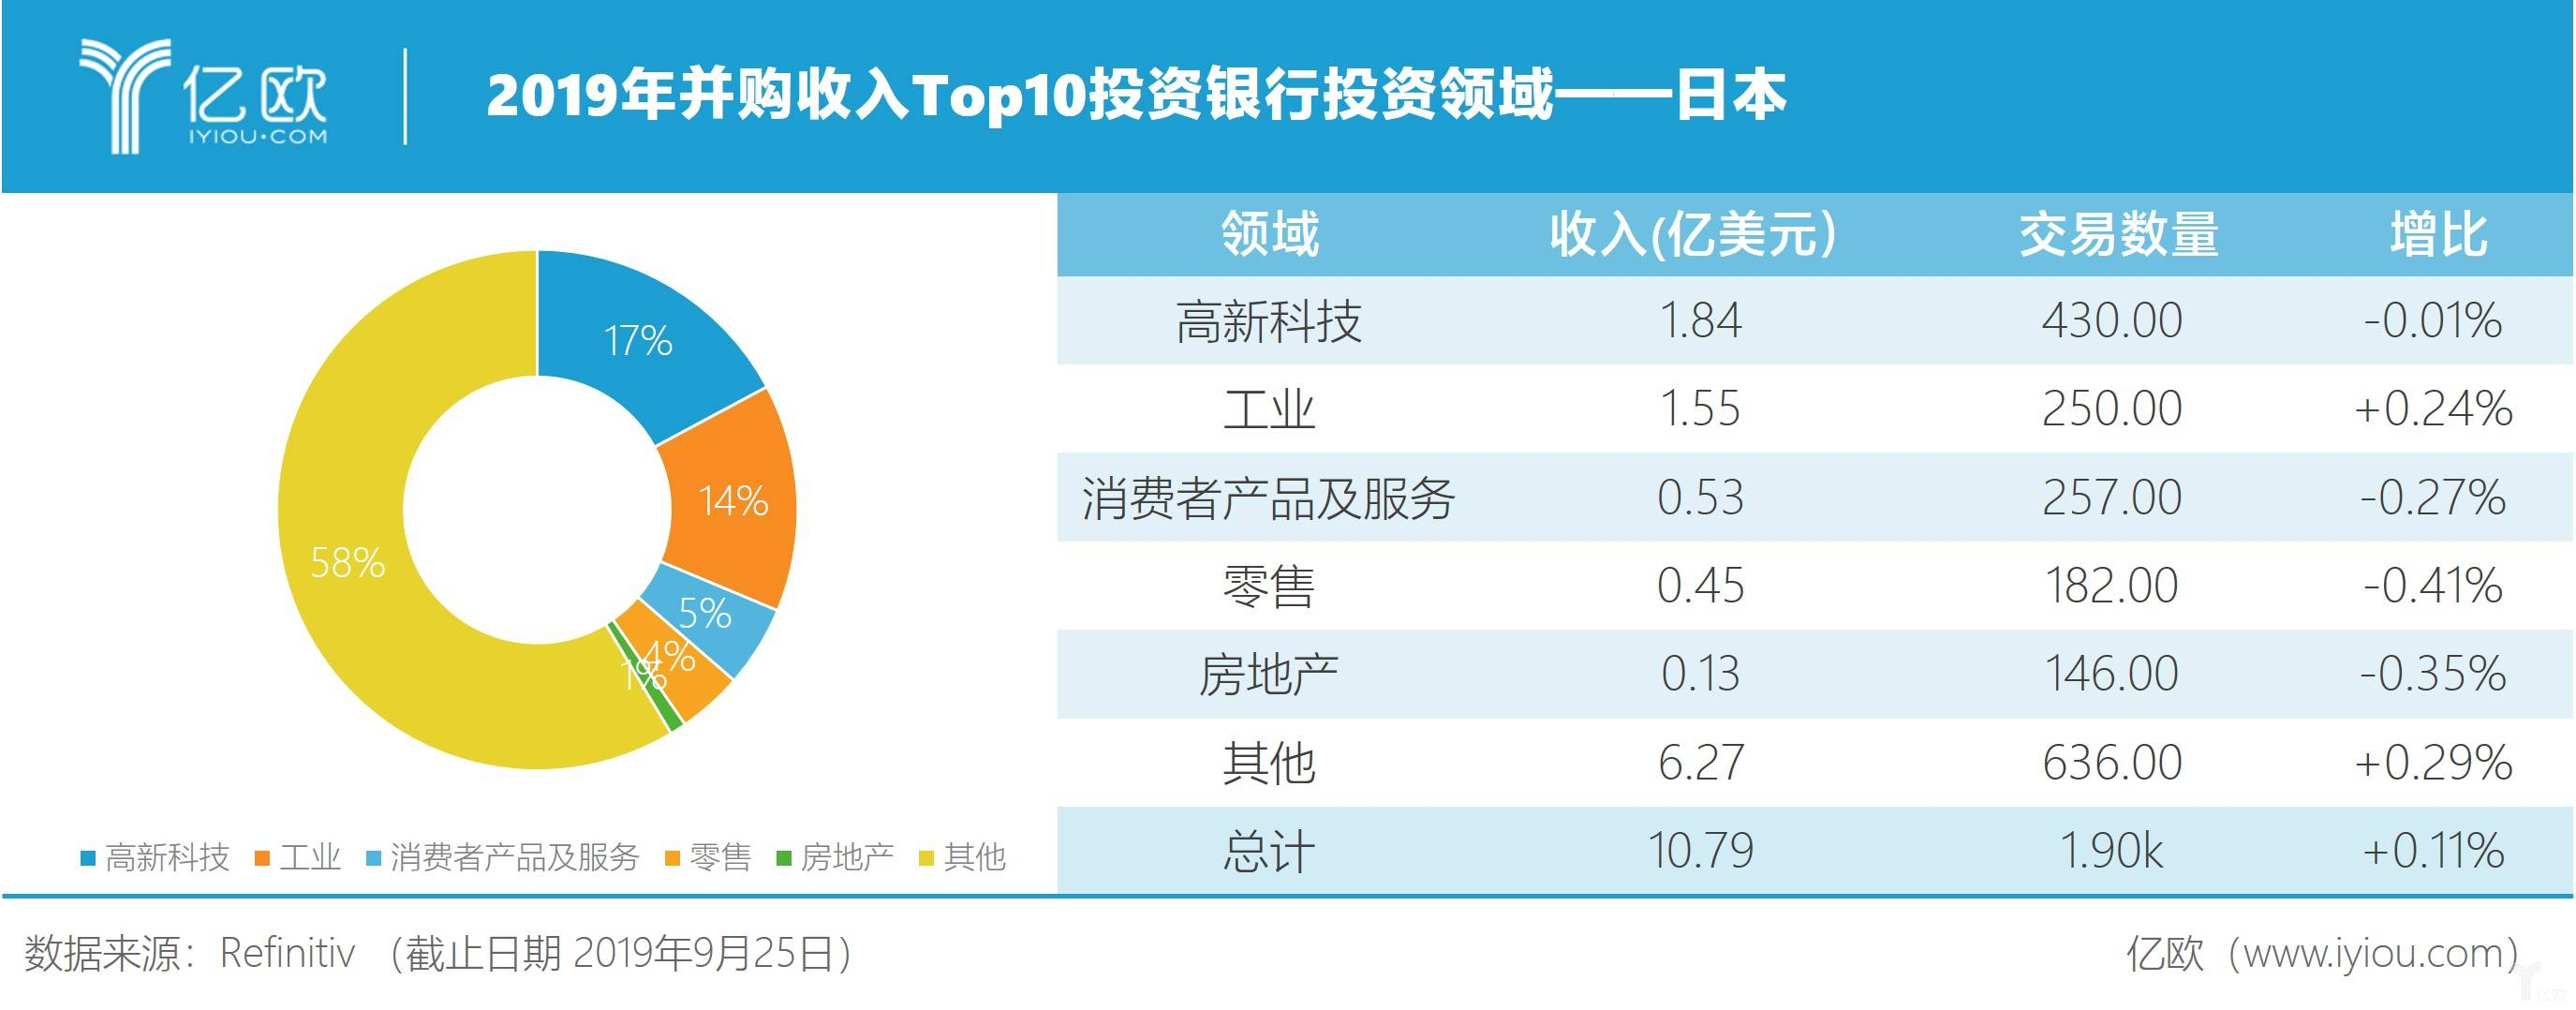 2019年并购收入Top10投资银行投资领域——日本